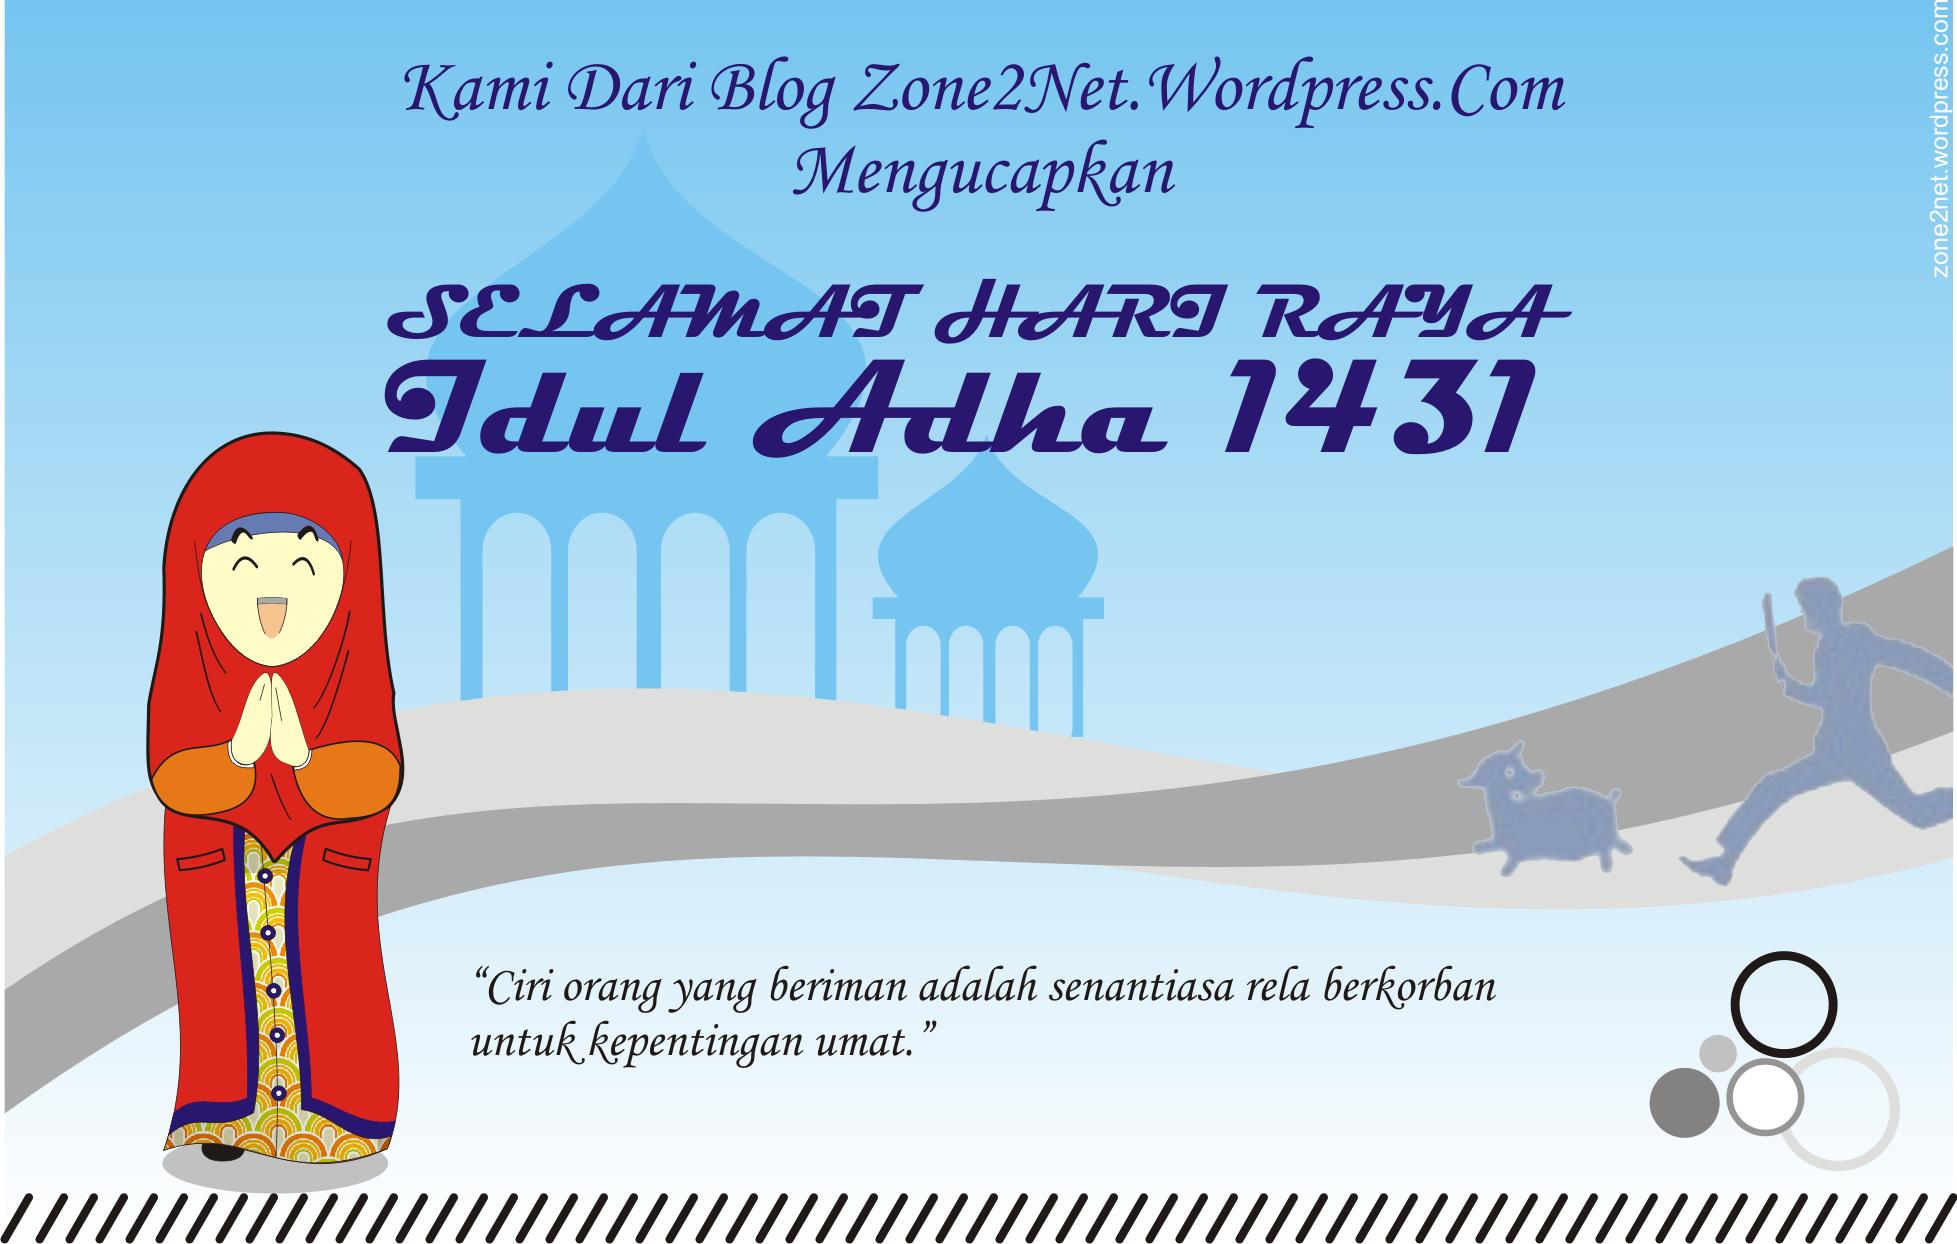 Idul Adha 1435